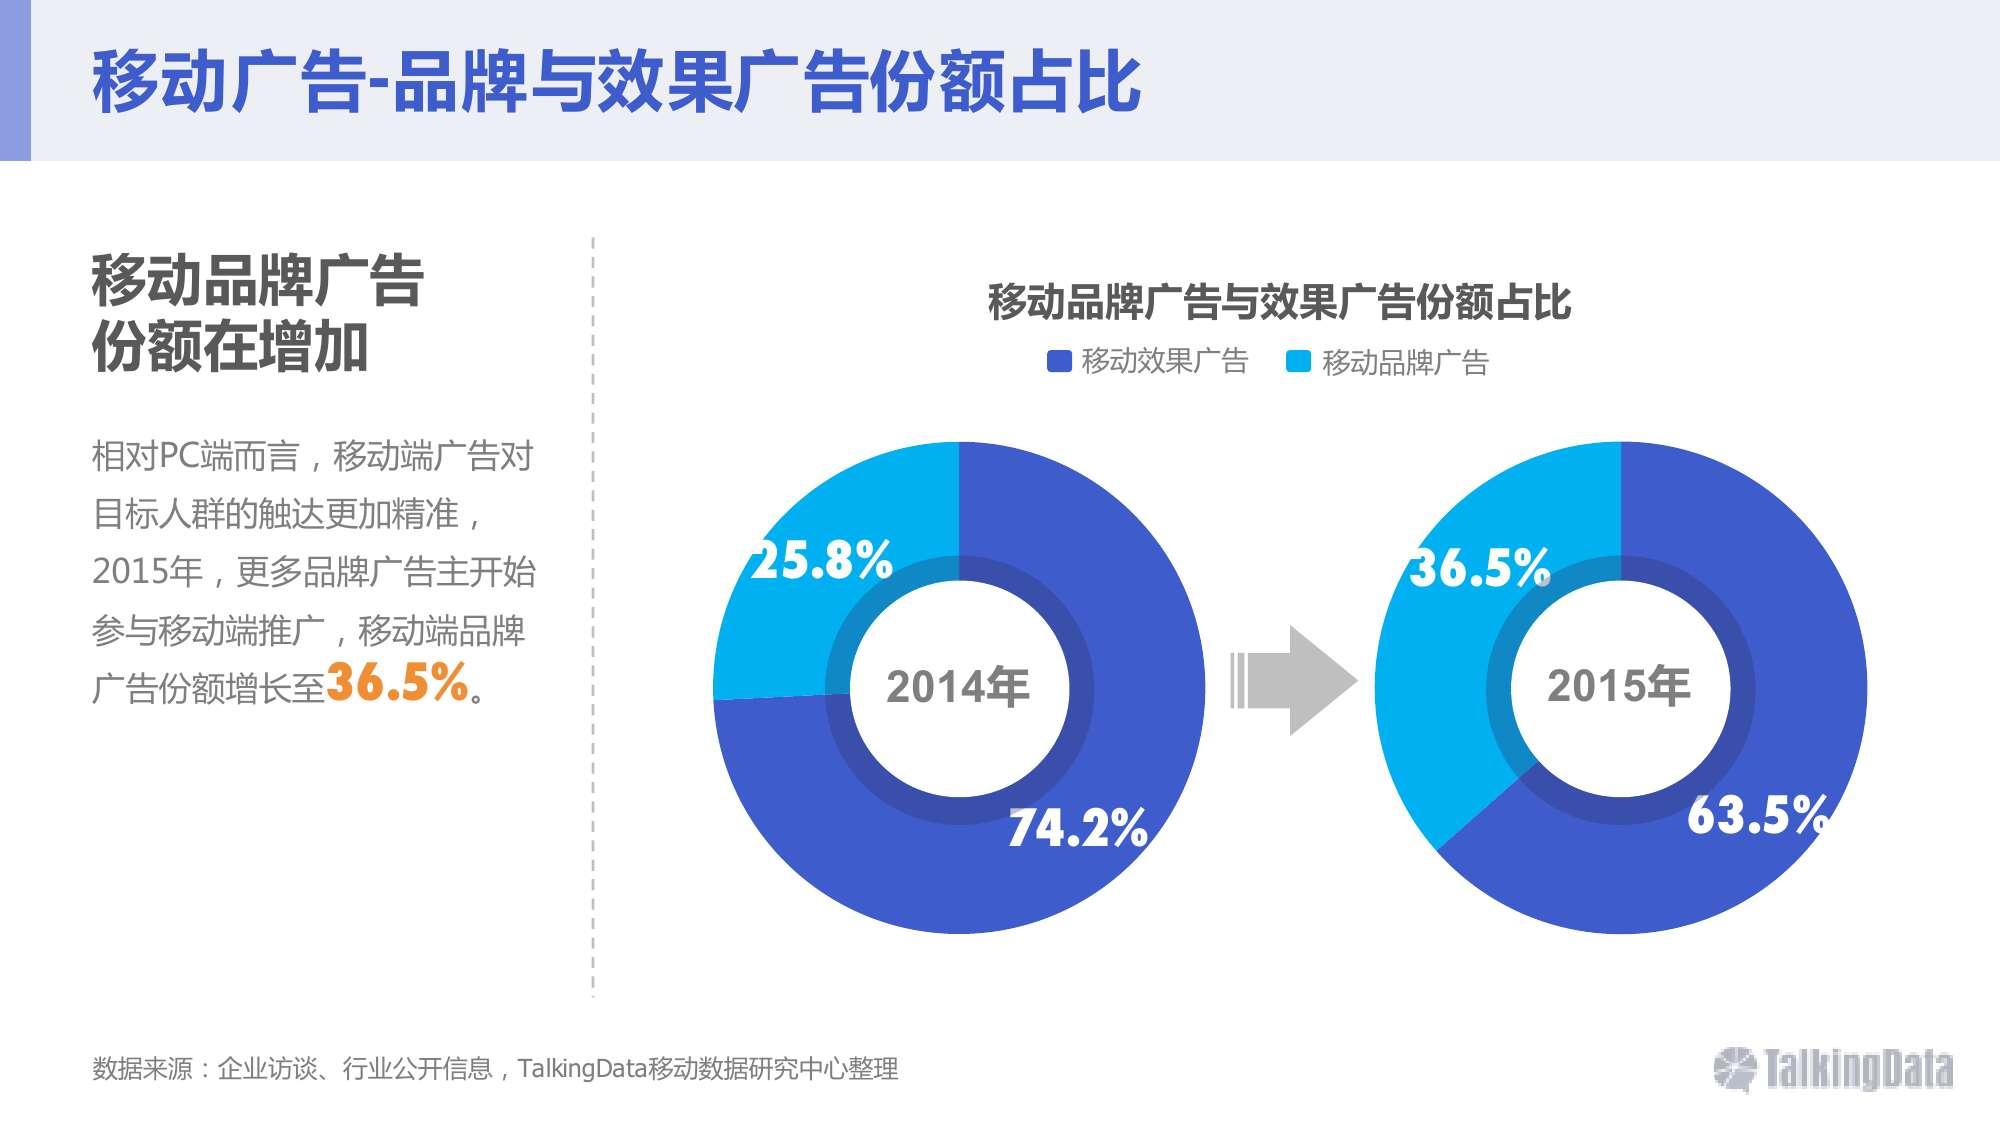 2015年移动广告行业报告_000007